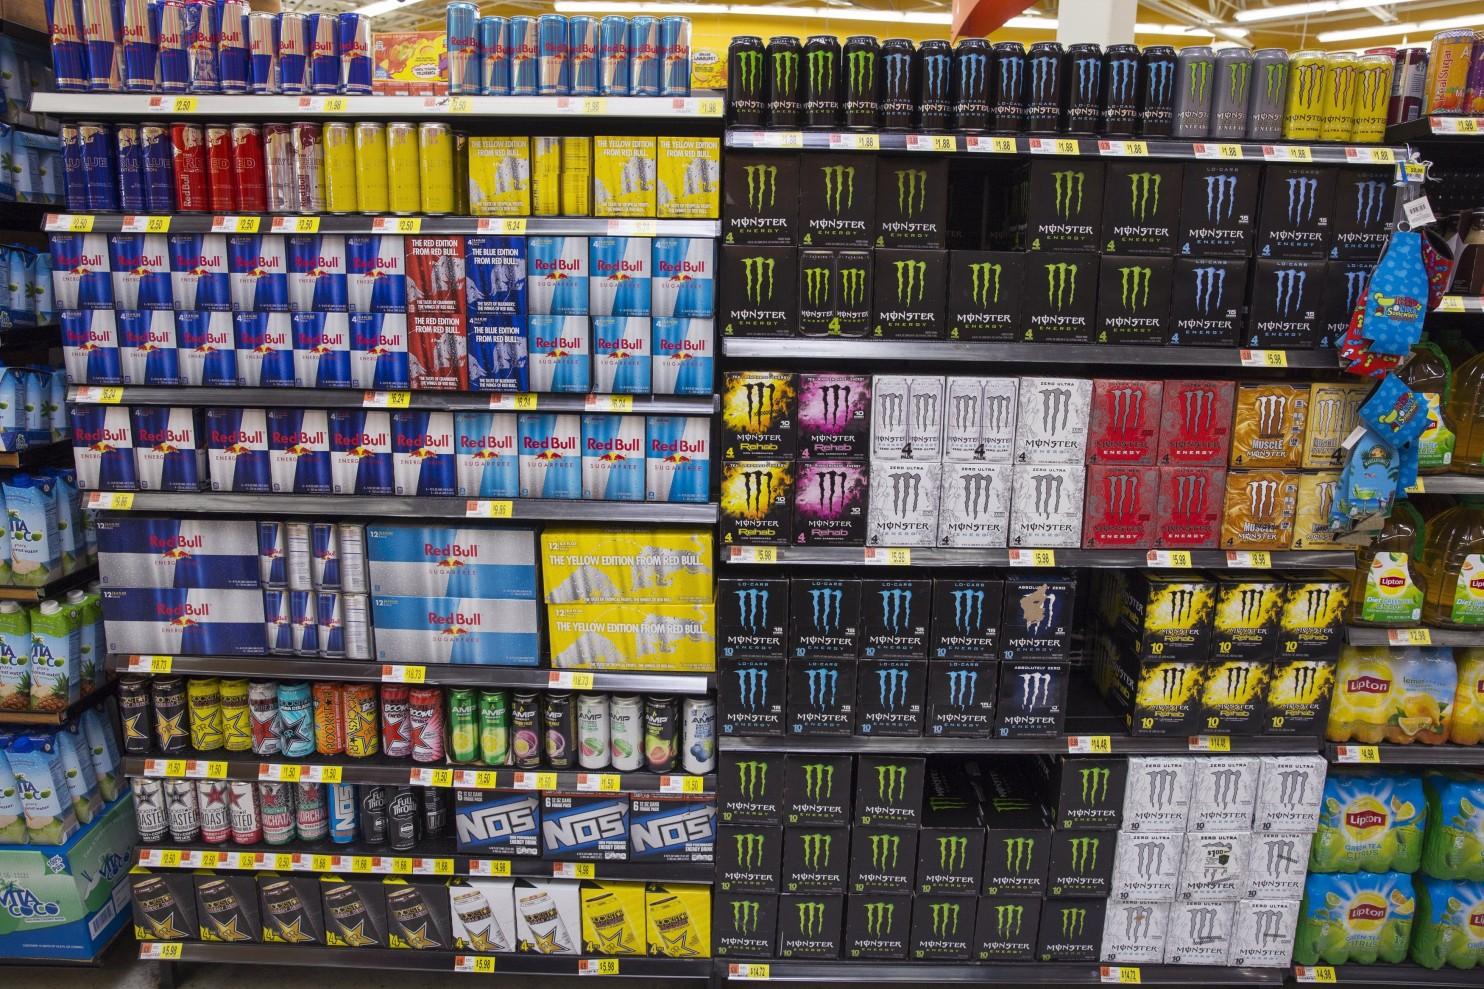 Las bebidas energizantes ponenalos consumidores adolescentes en peligrode unexceso de cafeína con consecuencias cardiovasculares y neurológicas devastadoras. (Foto: Lucas Jackson/Reuters)